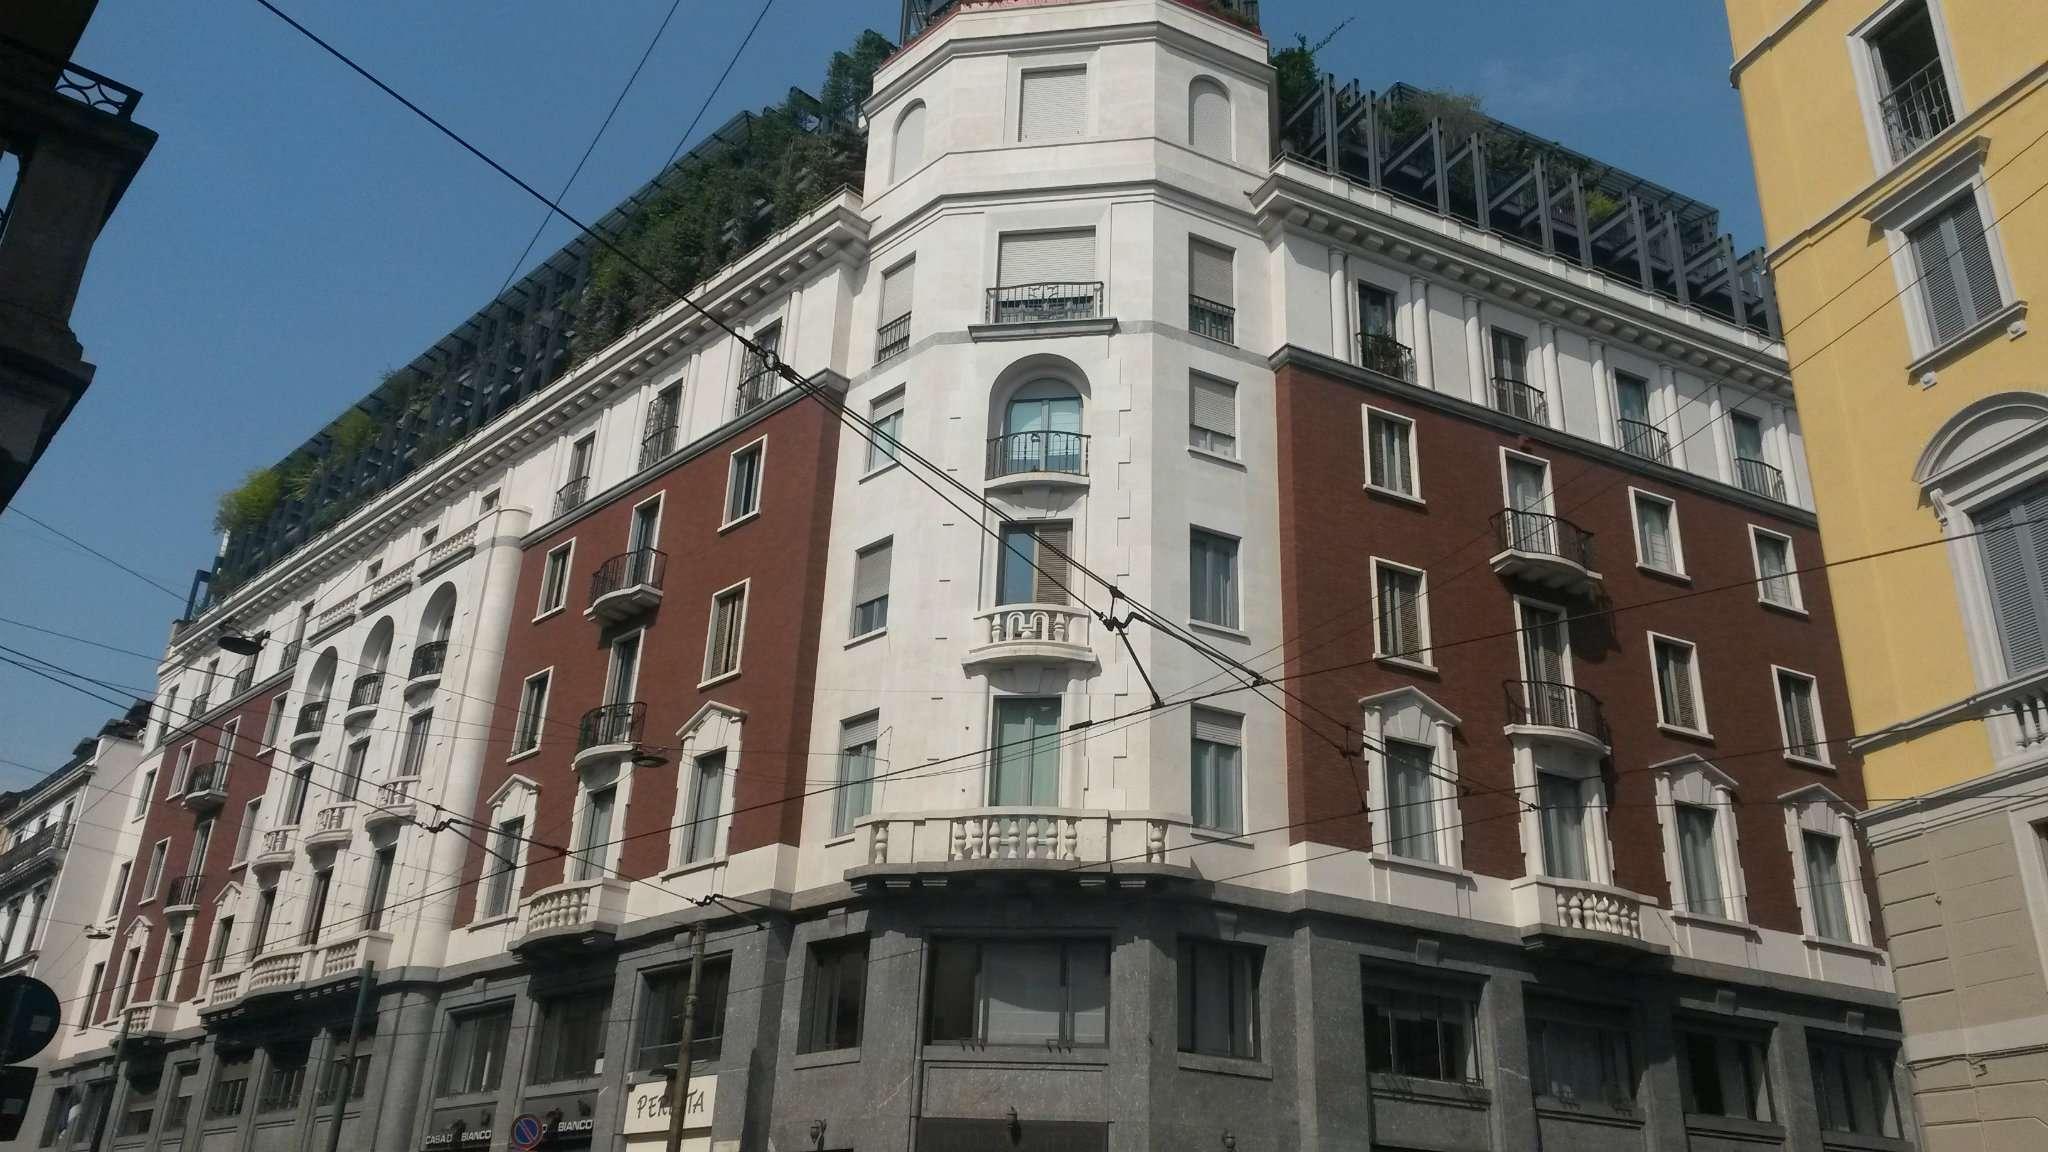 Appartamento in affitto a Milano, 4 locali, zona Zona: 1 . Centro Storico, Duomo, Brera, Cadorna, Cattolica, prezzo € 2.920 | Cambio Casa.it